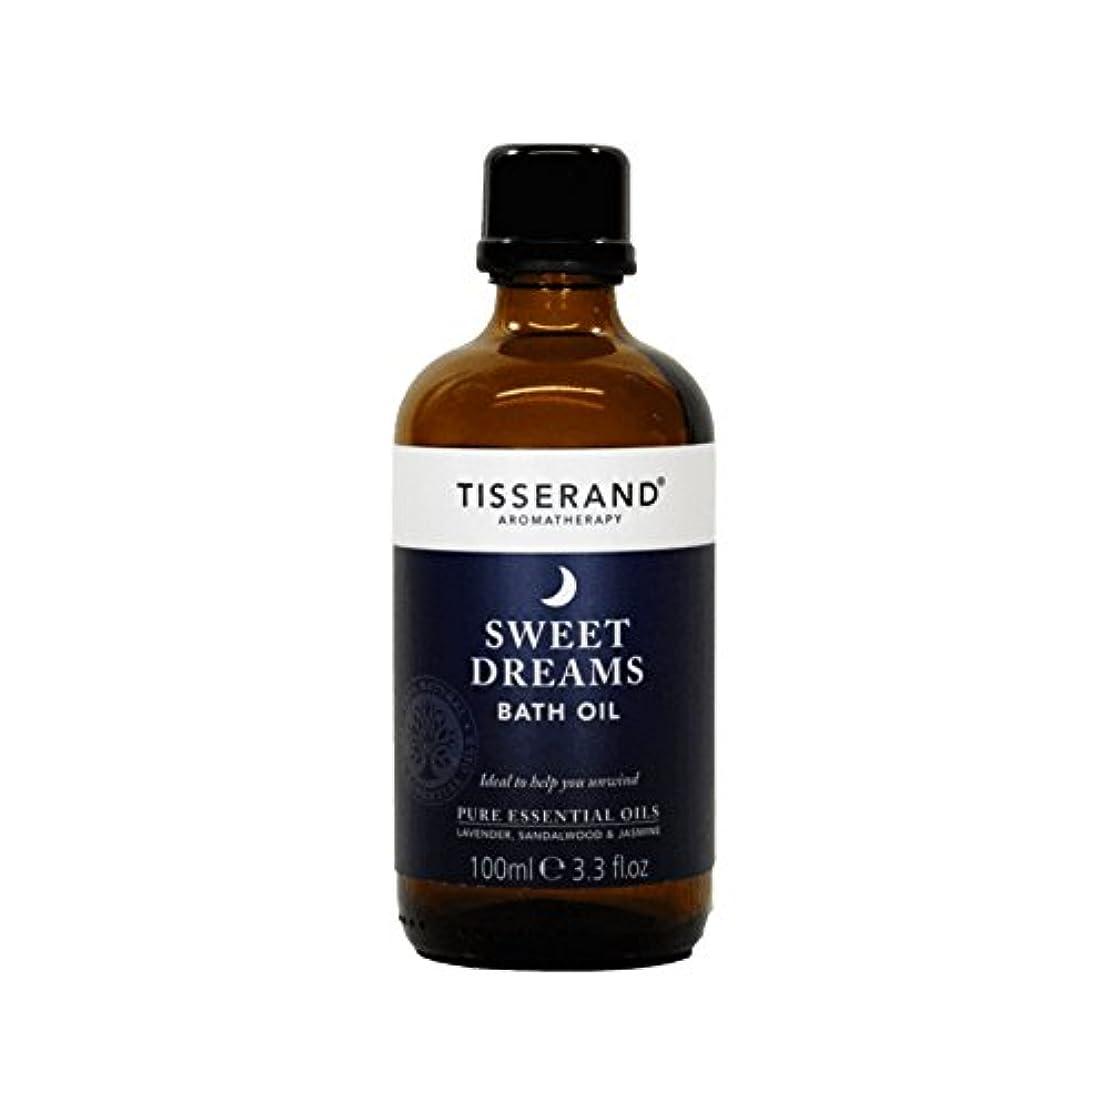 平凡仕方ポーチティスランド甘い夢バスオイルの100ミリリットル - Tisserand Sweet Dreams Bath Oil 100ml (Tisserand) [並行輸入品]